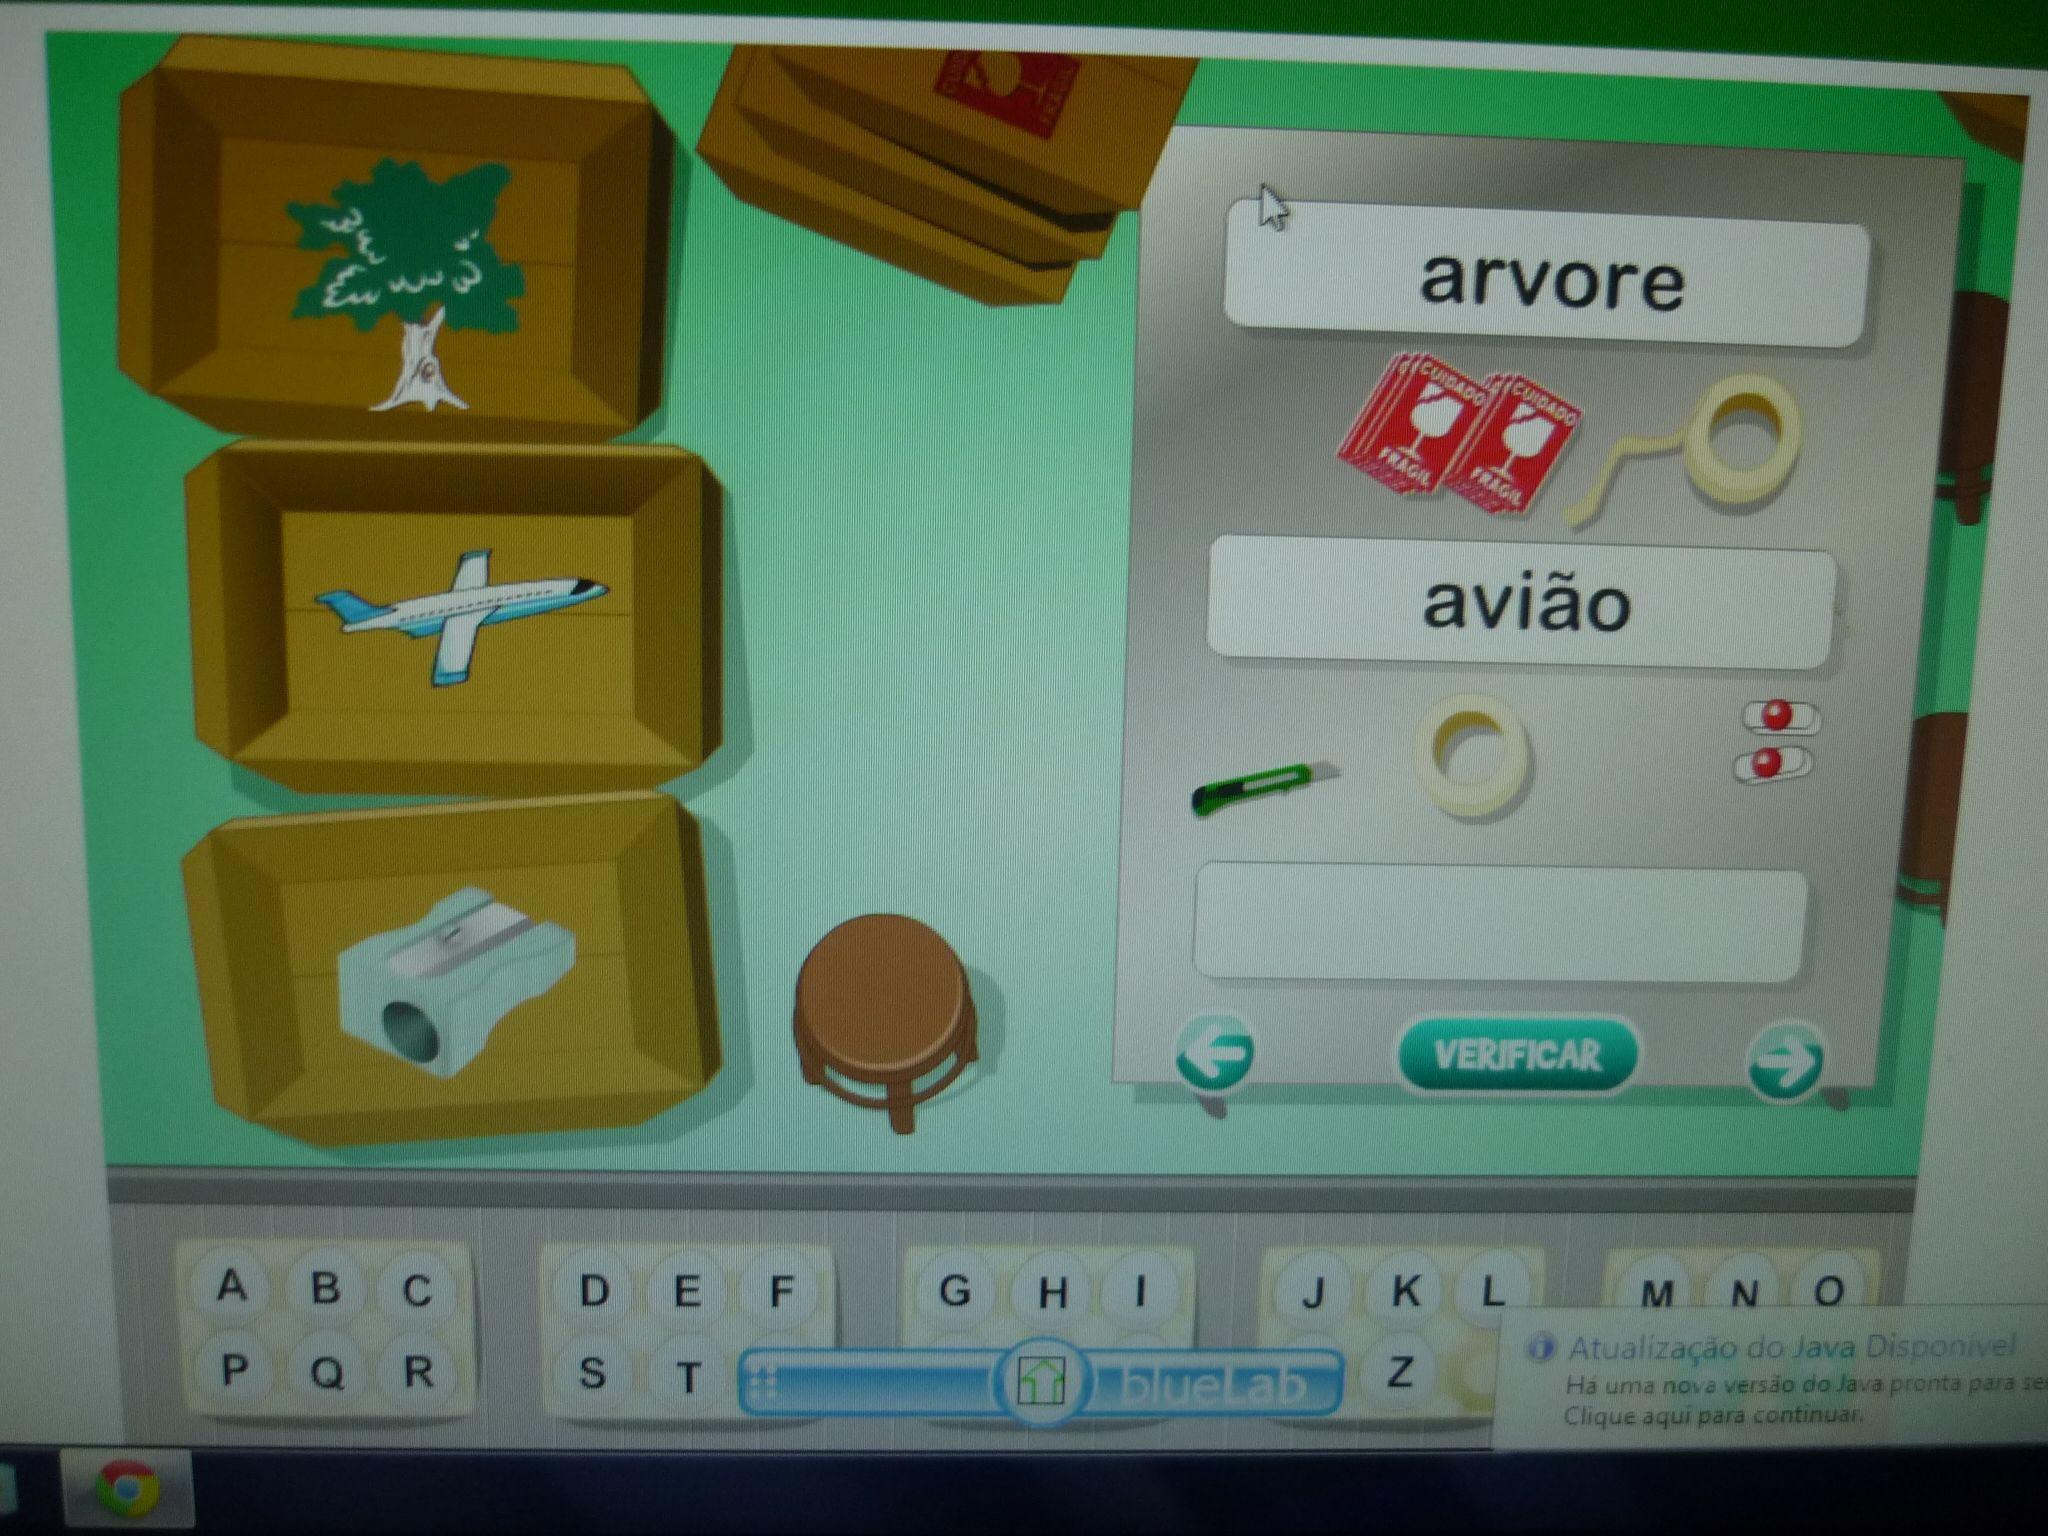 Descobrindo as Palavras  http://www.noas.com.br/ensino-fundamental-1/lingua-portuguesa/descobrindo-as-palavras/